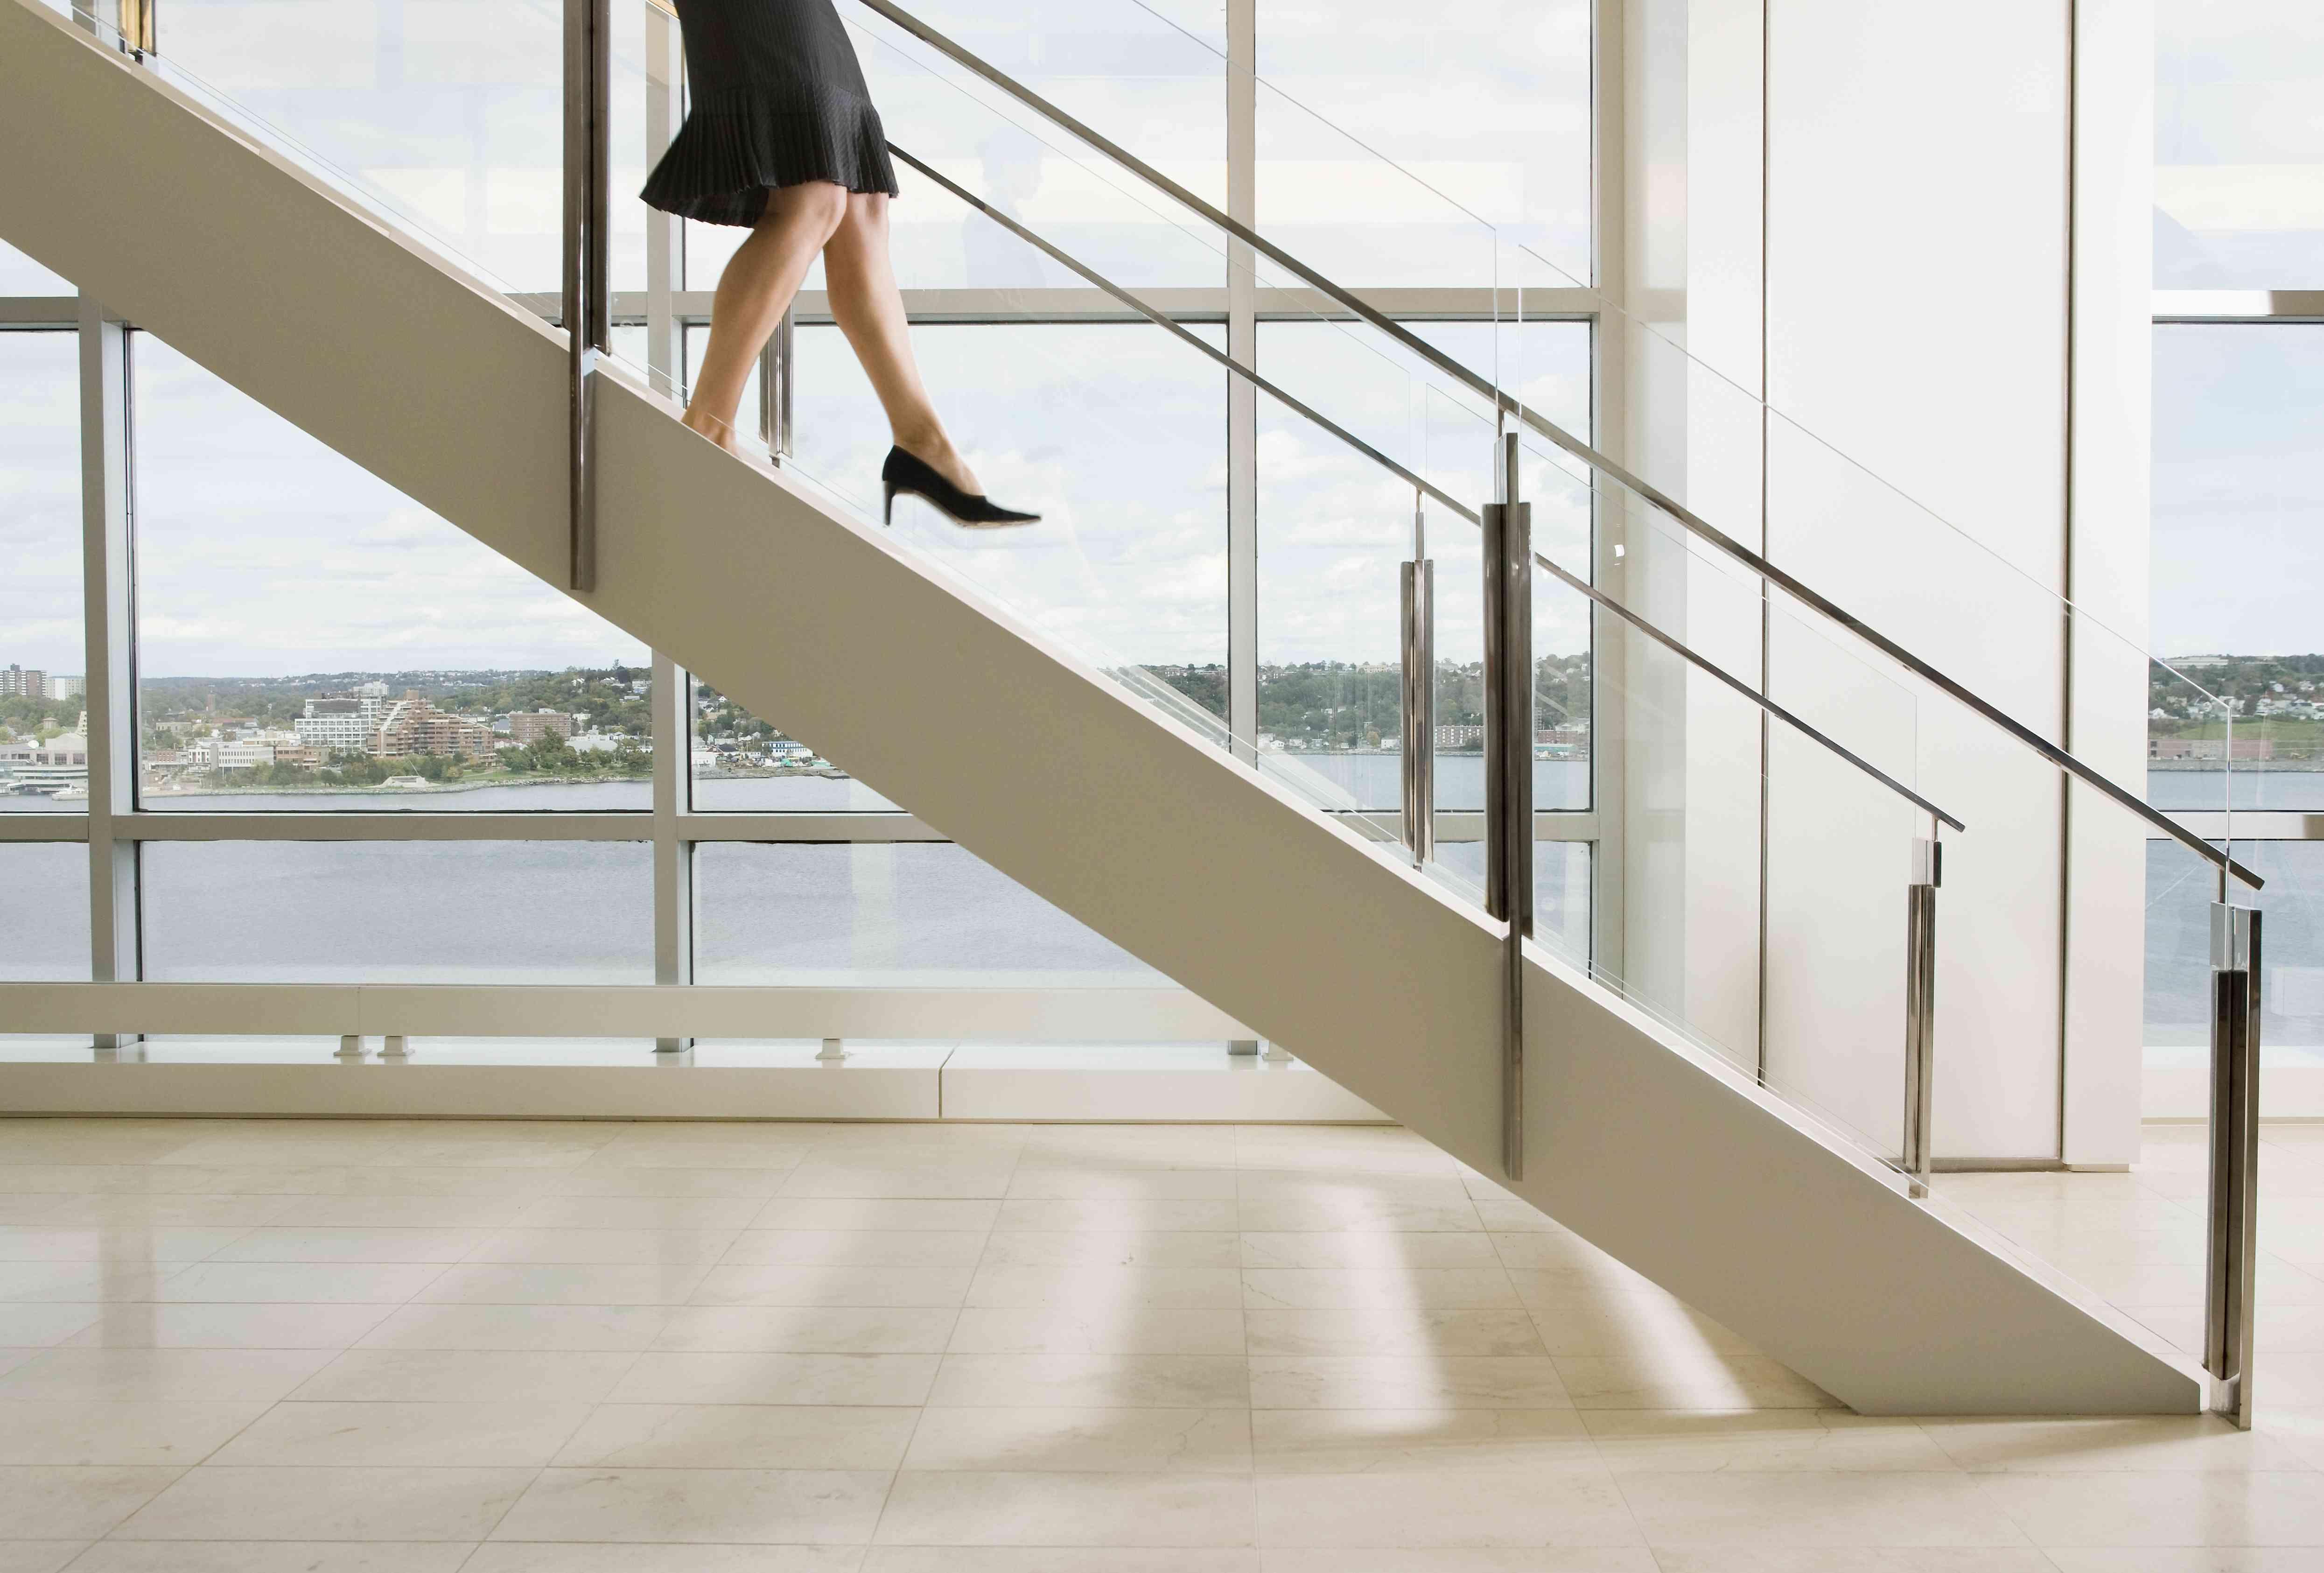 A woman walking down a staircase